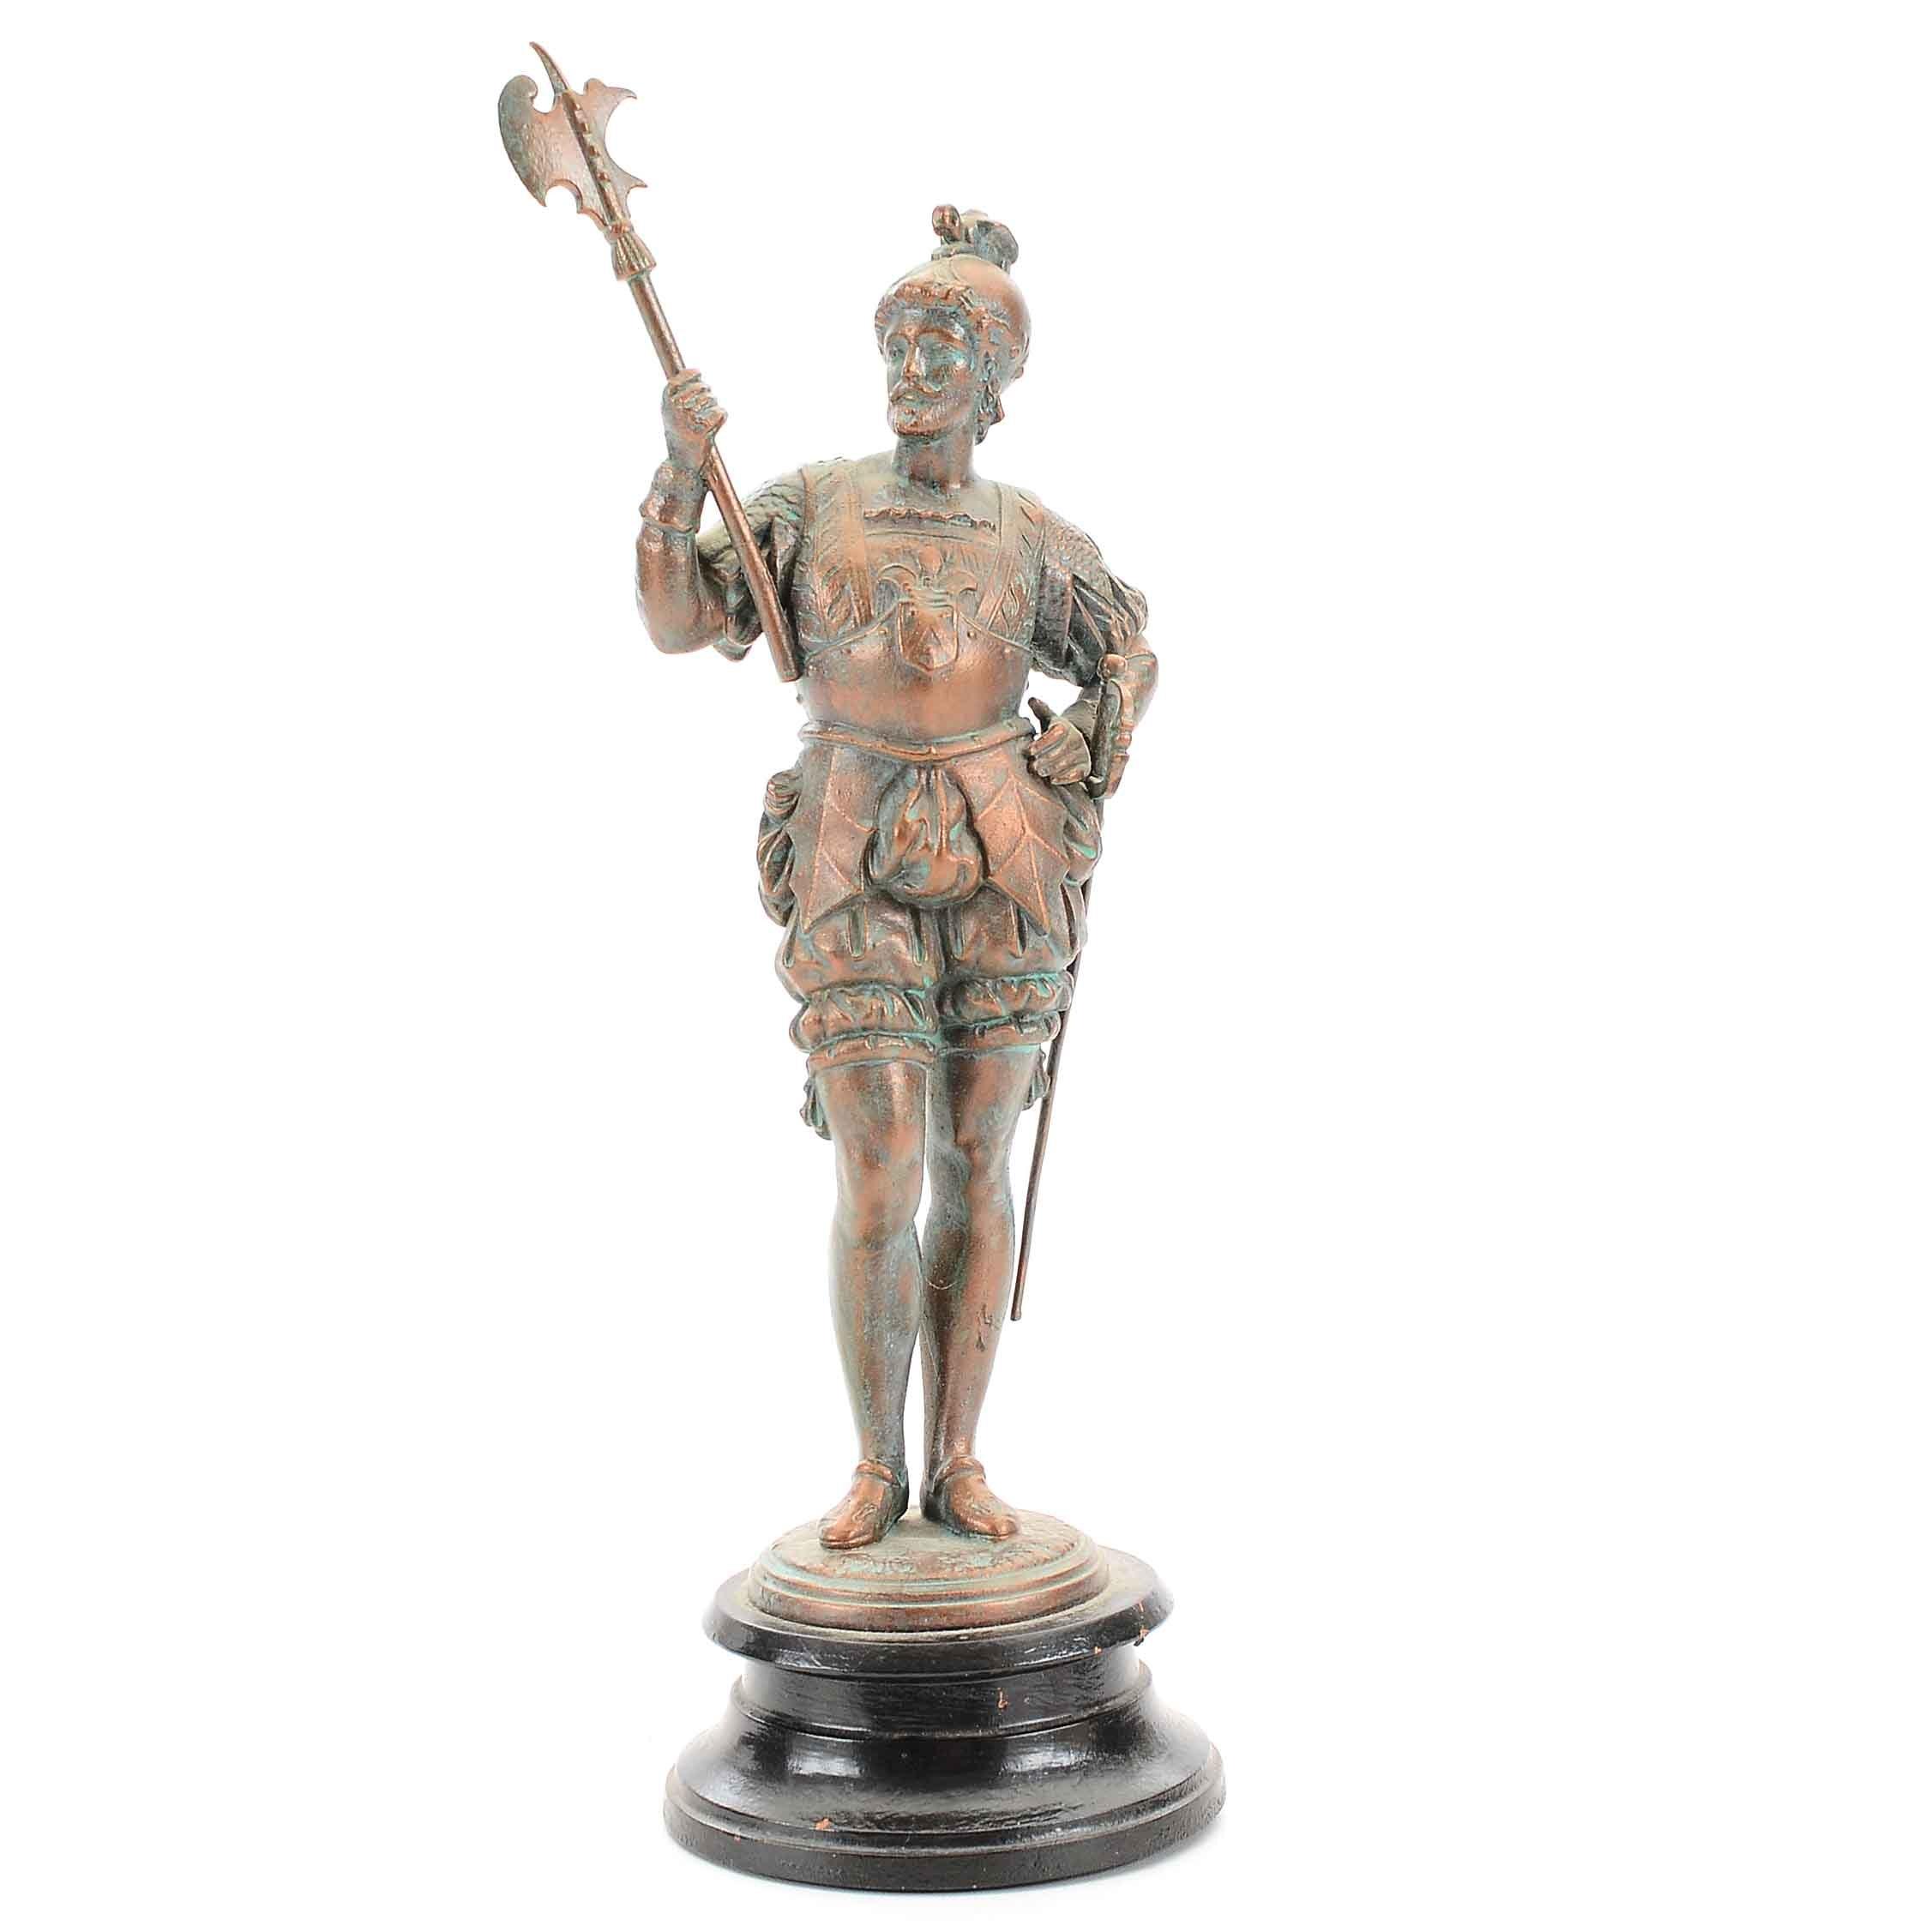 Renaissance Era European Soldier Brass Statue